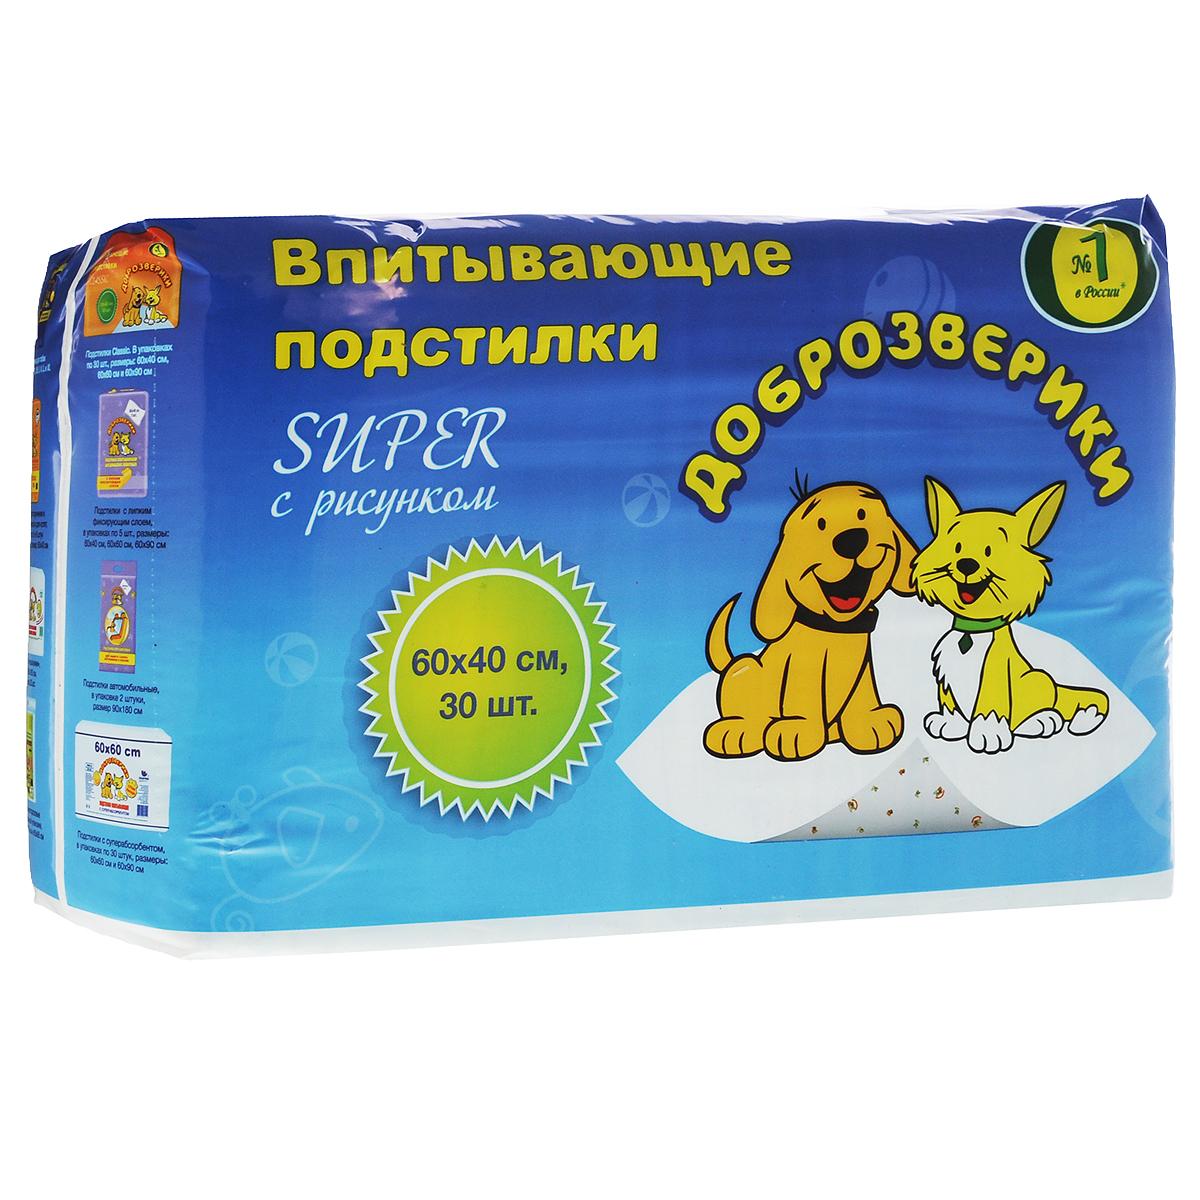 Подстилки для домашних животных Доброзверики, впитывающие, 60 см х 40 см, 30 шт подстилки для домашних животных доброзверики впитывающие 60 см х 40 см 5 шт